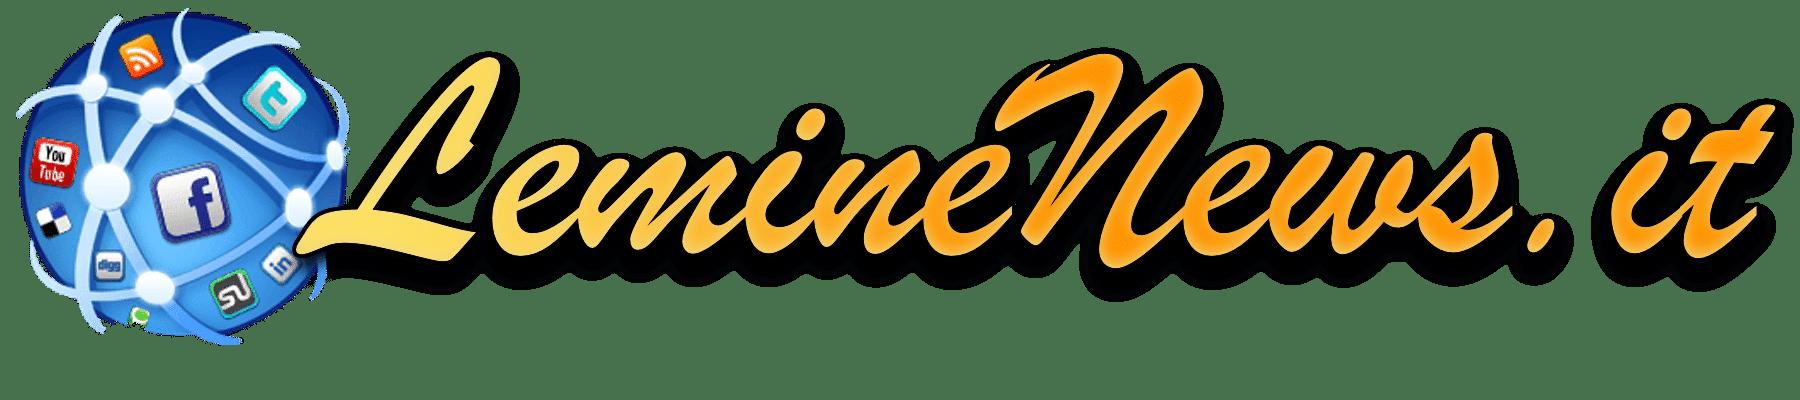 Lemine News